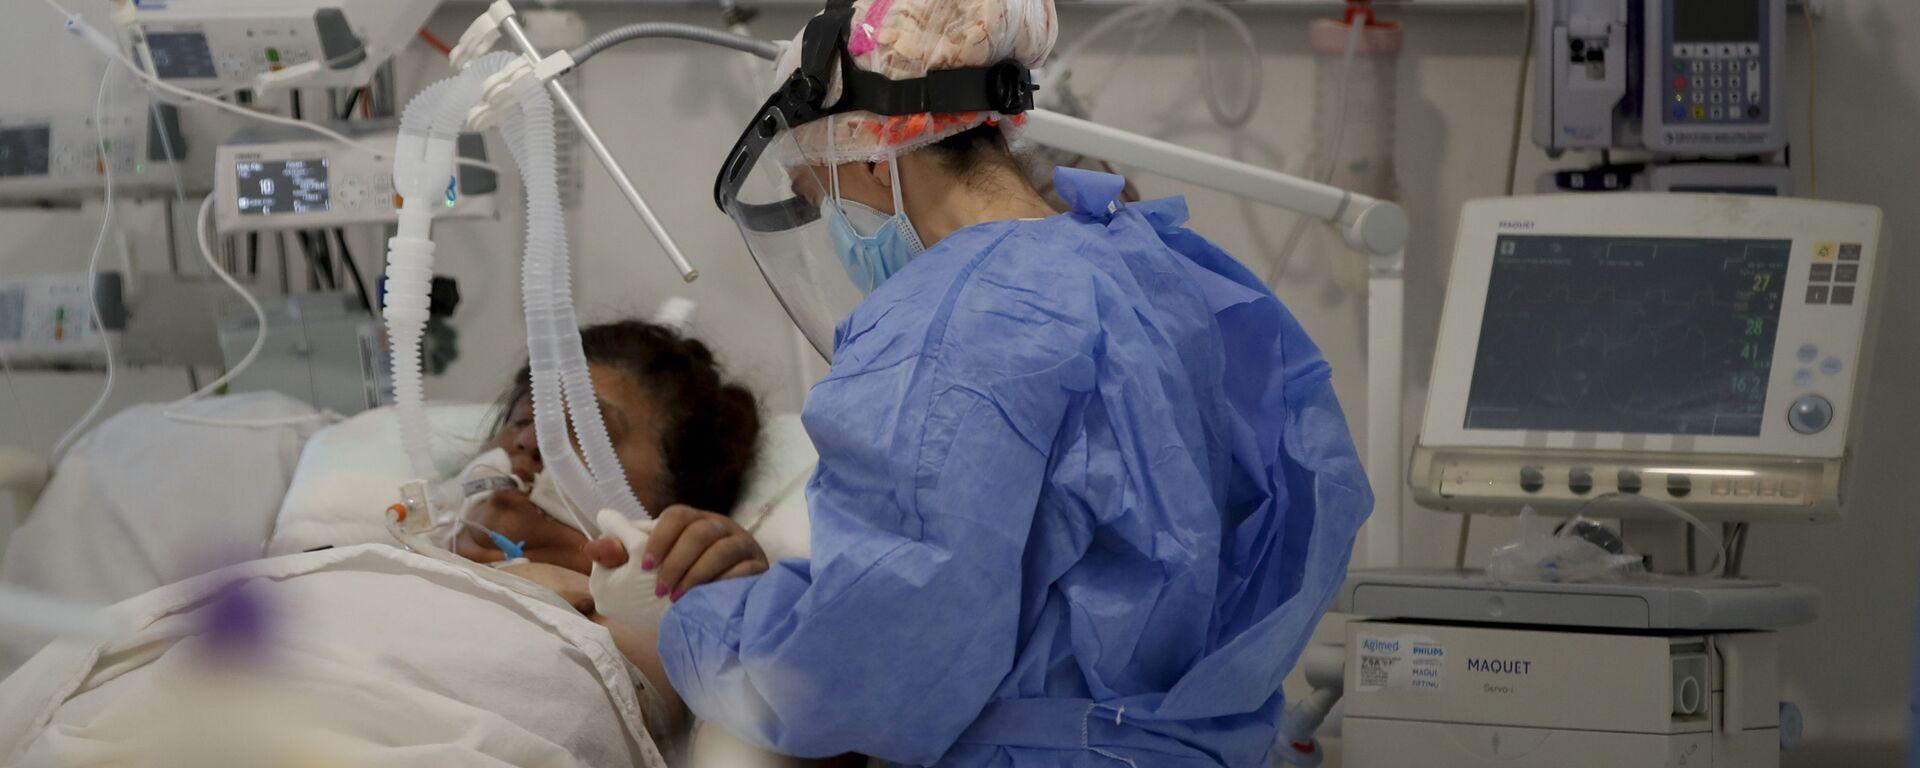 Una trabajadora de la salud atiende a un paciente en una unidad de cuidados intensivos designada para personas infectadas con coronavirus en un hospital en Buenos Aires (Argentina) - Sputnik Mundo, 1920, 22.06.2021